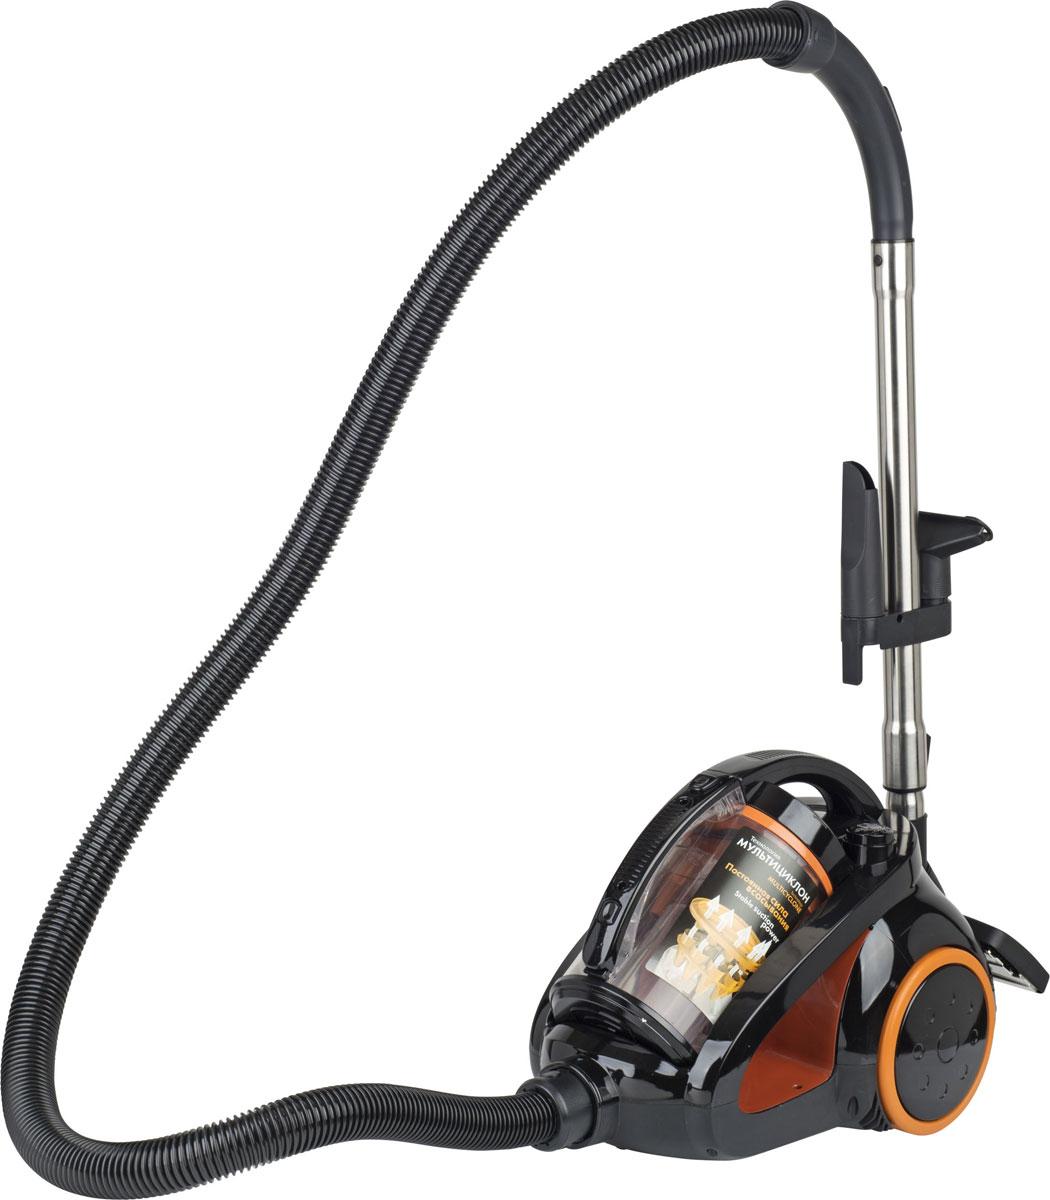 Scarlett IS-580, Black Orange пылесосIS-580Пылесос Scarlett IS-580 отличается элегантным и функциональным дизайном — благодаря оригинальной компоновке его удобно перемещать путем натяжения шланга и переноски в руках, а также хранить в вертикальном положении. Модель оборудована пластиковой емкостью для отходов с циклонным фильтром, которая задерживает все твердые частицы и легко очищается при необходимости, что позволяет обходиться без покупки мешков и прочих расходных материалов. Высокая мощность пылесоса дает возможность справляться с наиболее сильными загрязнениями. При необходимости ограничения силы втягивания можно воспользоваться регулятором, расположенным на рукоятке, а полное отключение и повторное включение может производиться ногой без наклона тела.